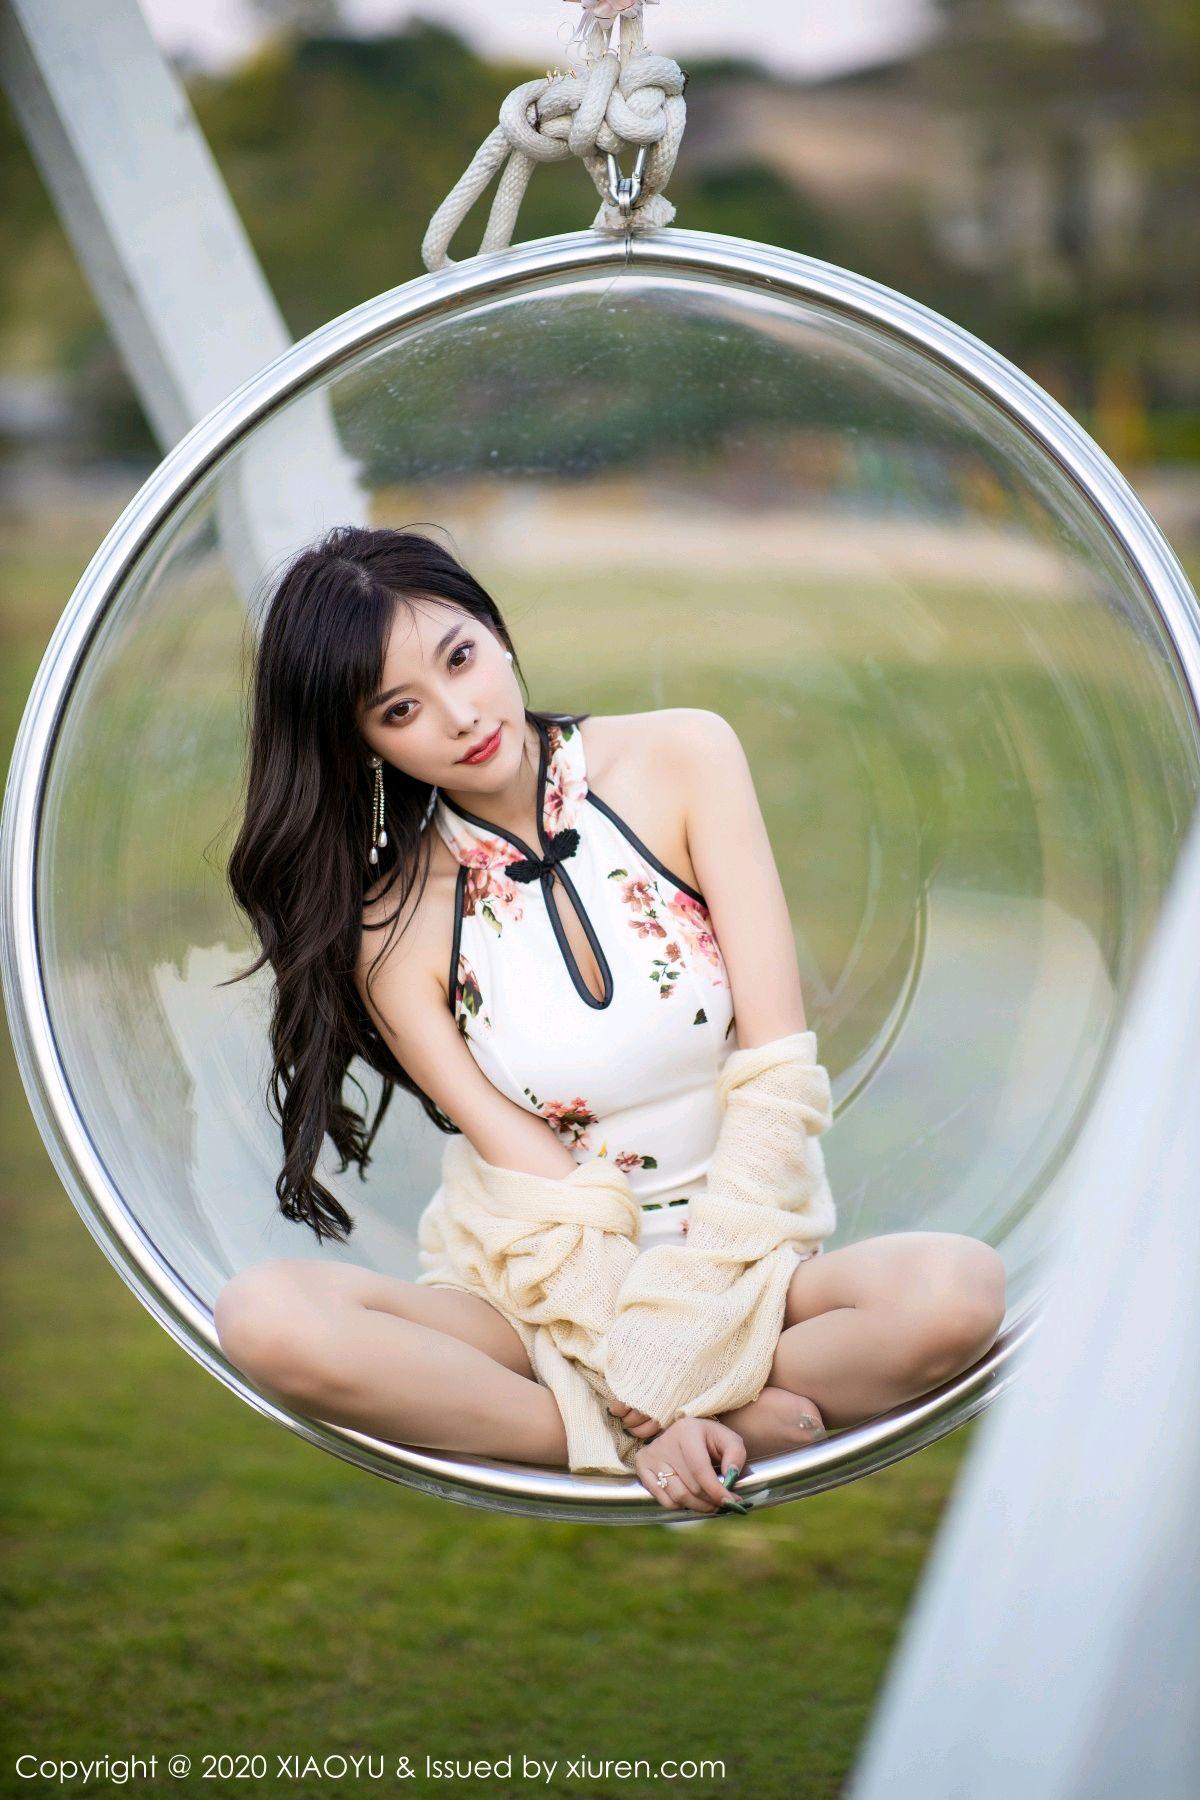 [XiaoYu] Vol.233 Yang Chen Chen 88P, Cheongsam, Foot, XiaoYu, Yang Chen Chen